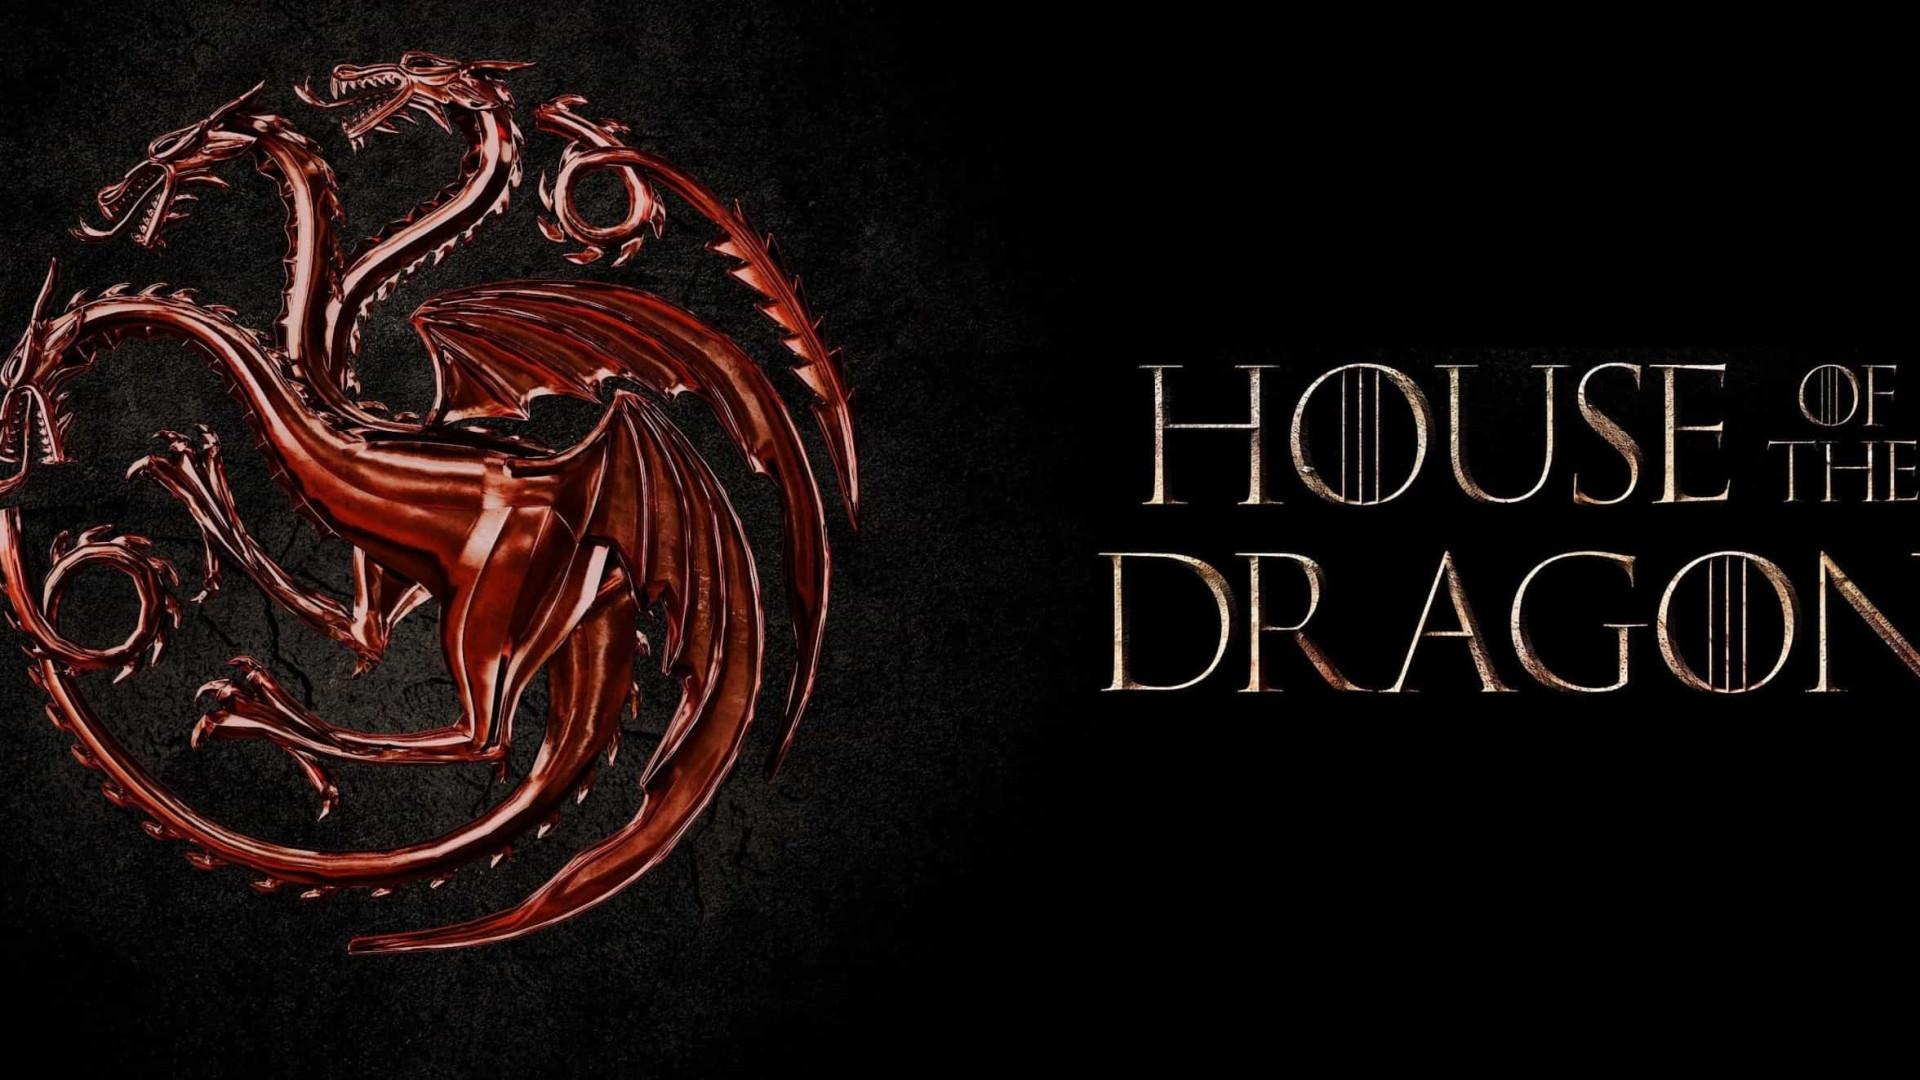 'House of the Dragon', derivada de 'Game of Thrones', ganha primeiro teaser